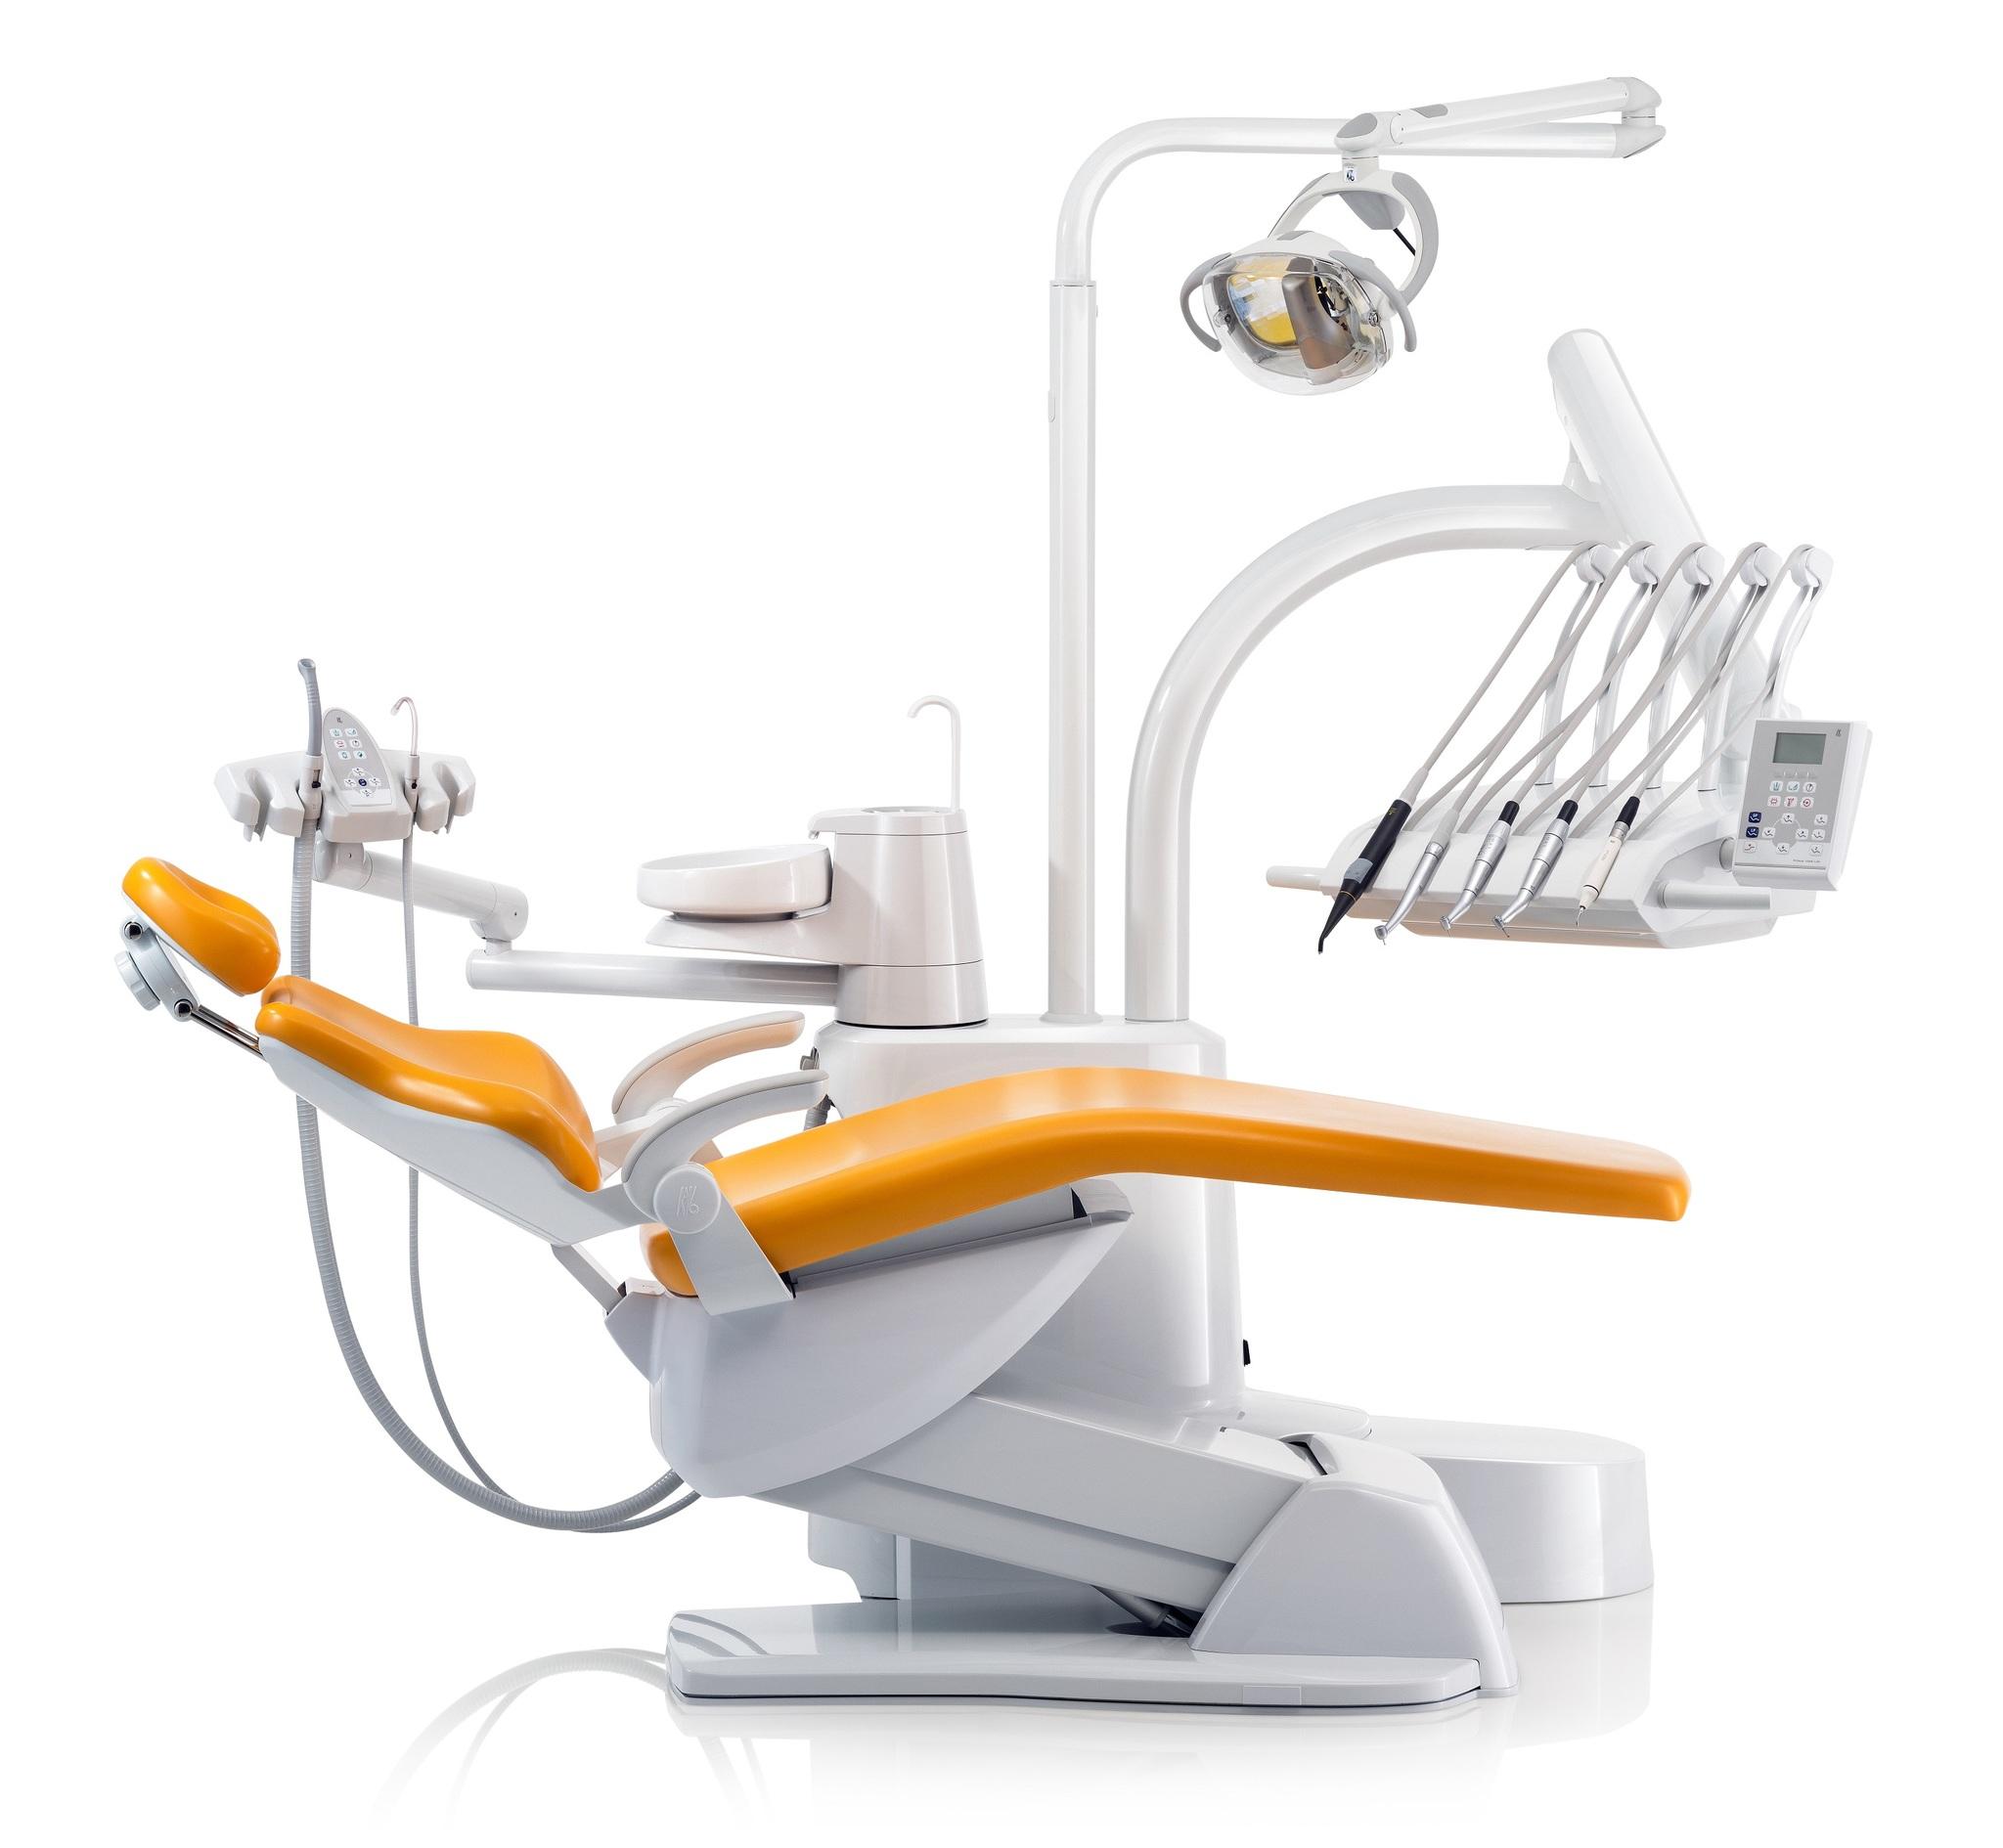 Primus 1058 LIFE Swing стоматологическая установка с верхней подачей KaVo